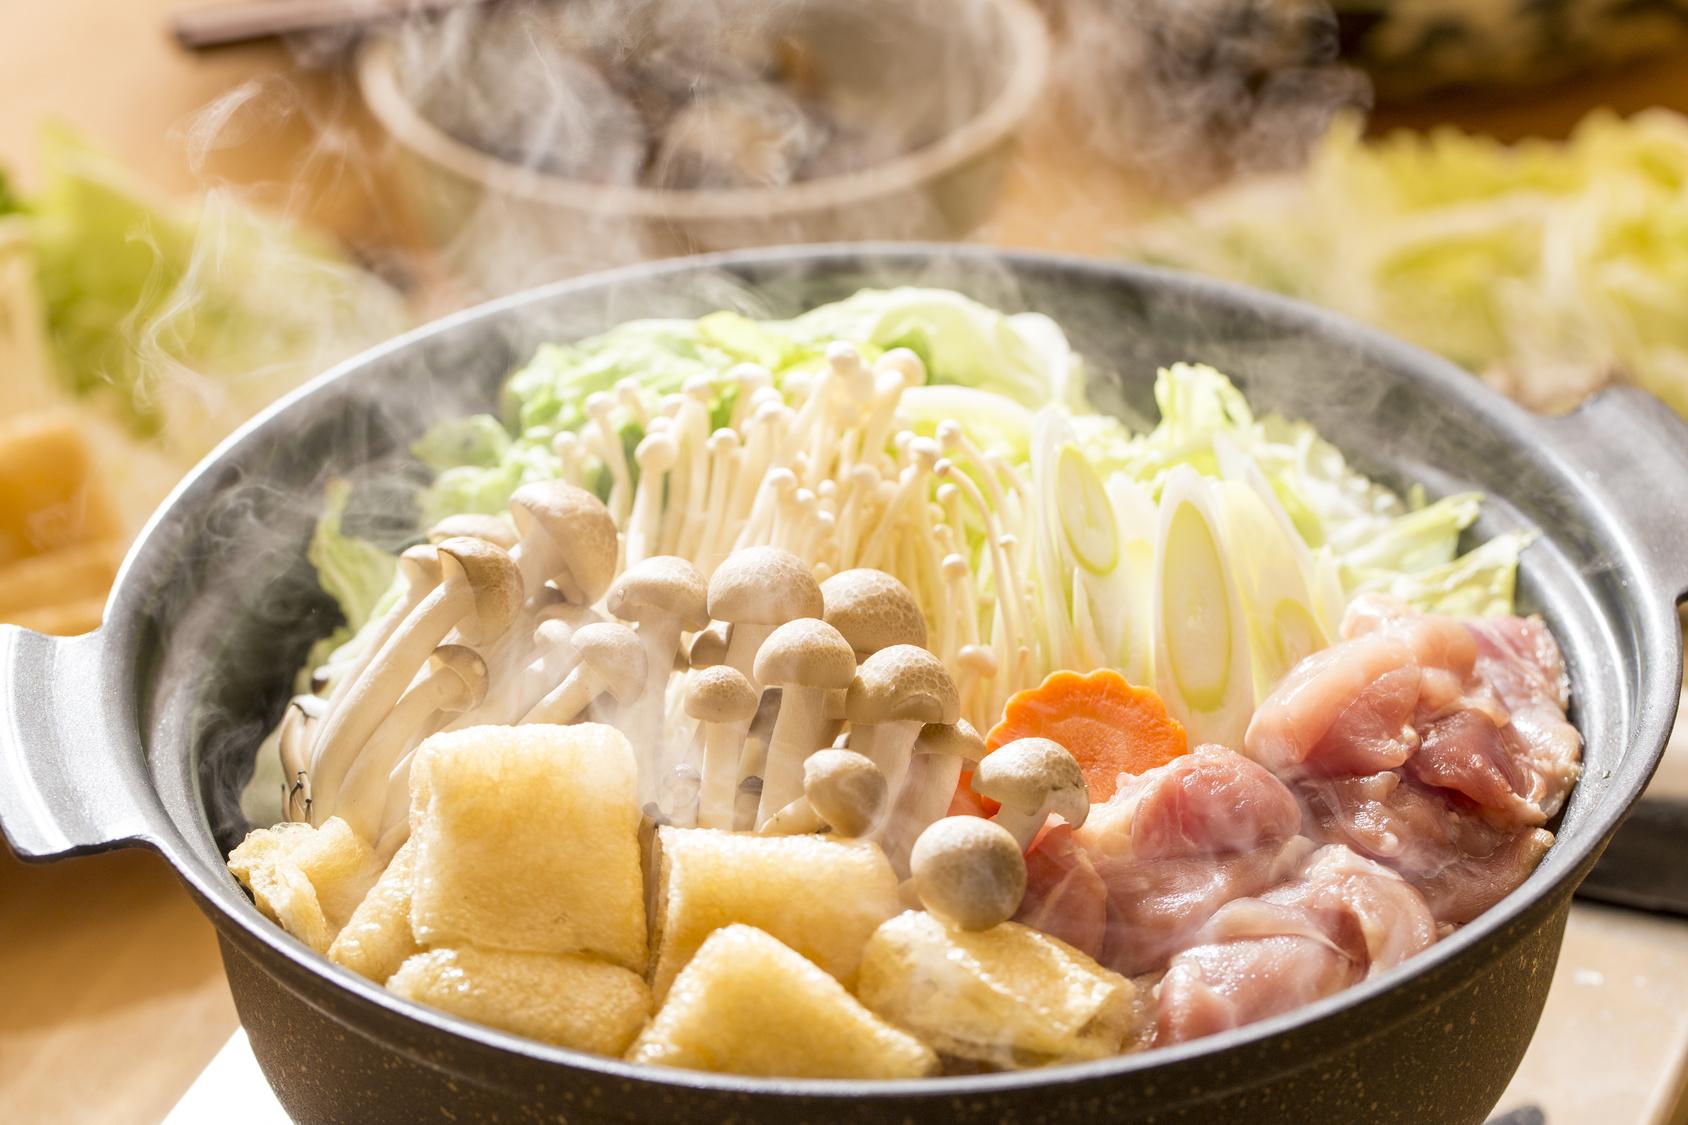 この冬に食べたい!簡単でおいしい人気の鍋レシピ15選 - TREND ...